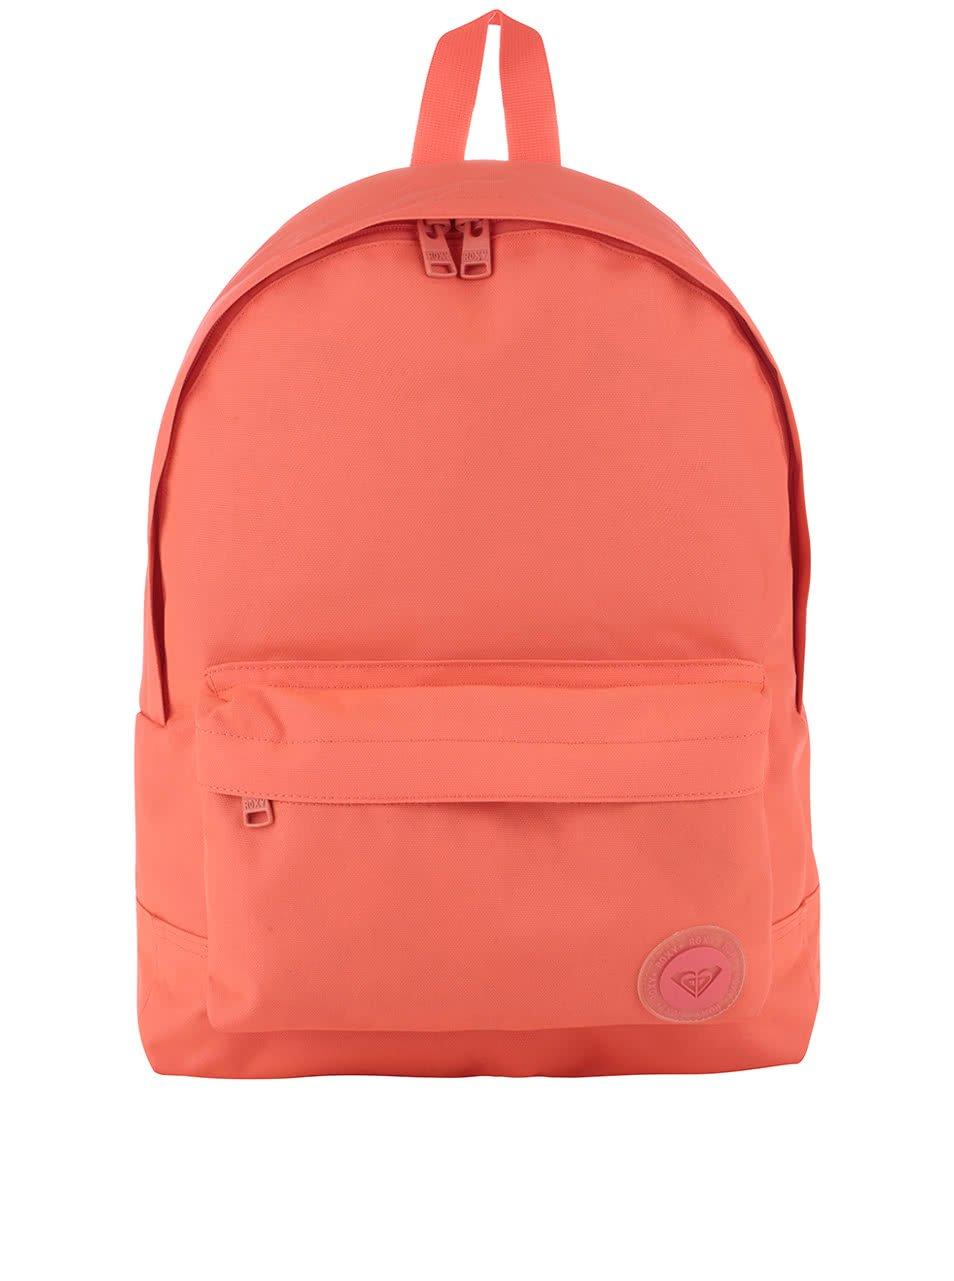 Neonově oranžový batoh Roxy Sugar